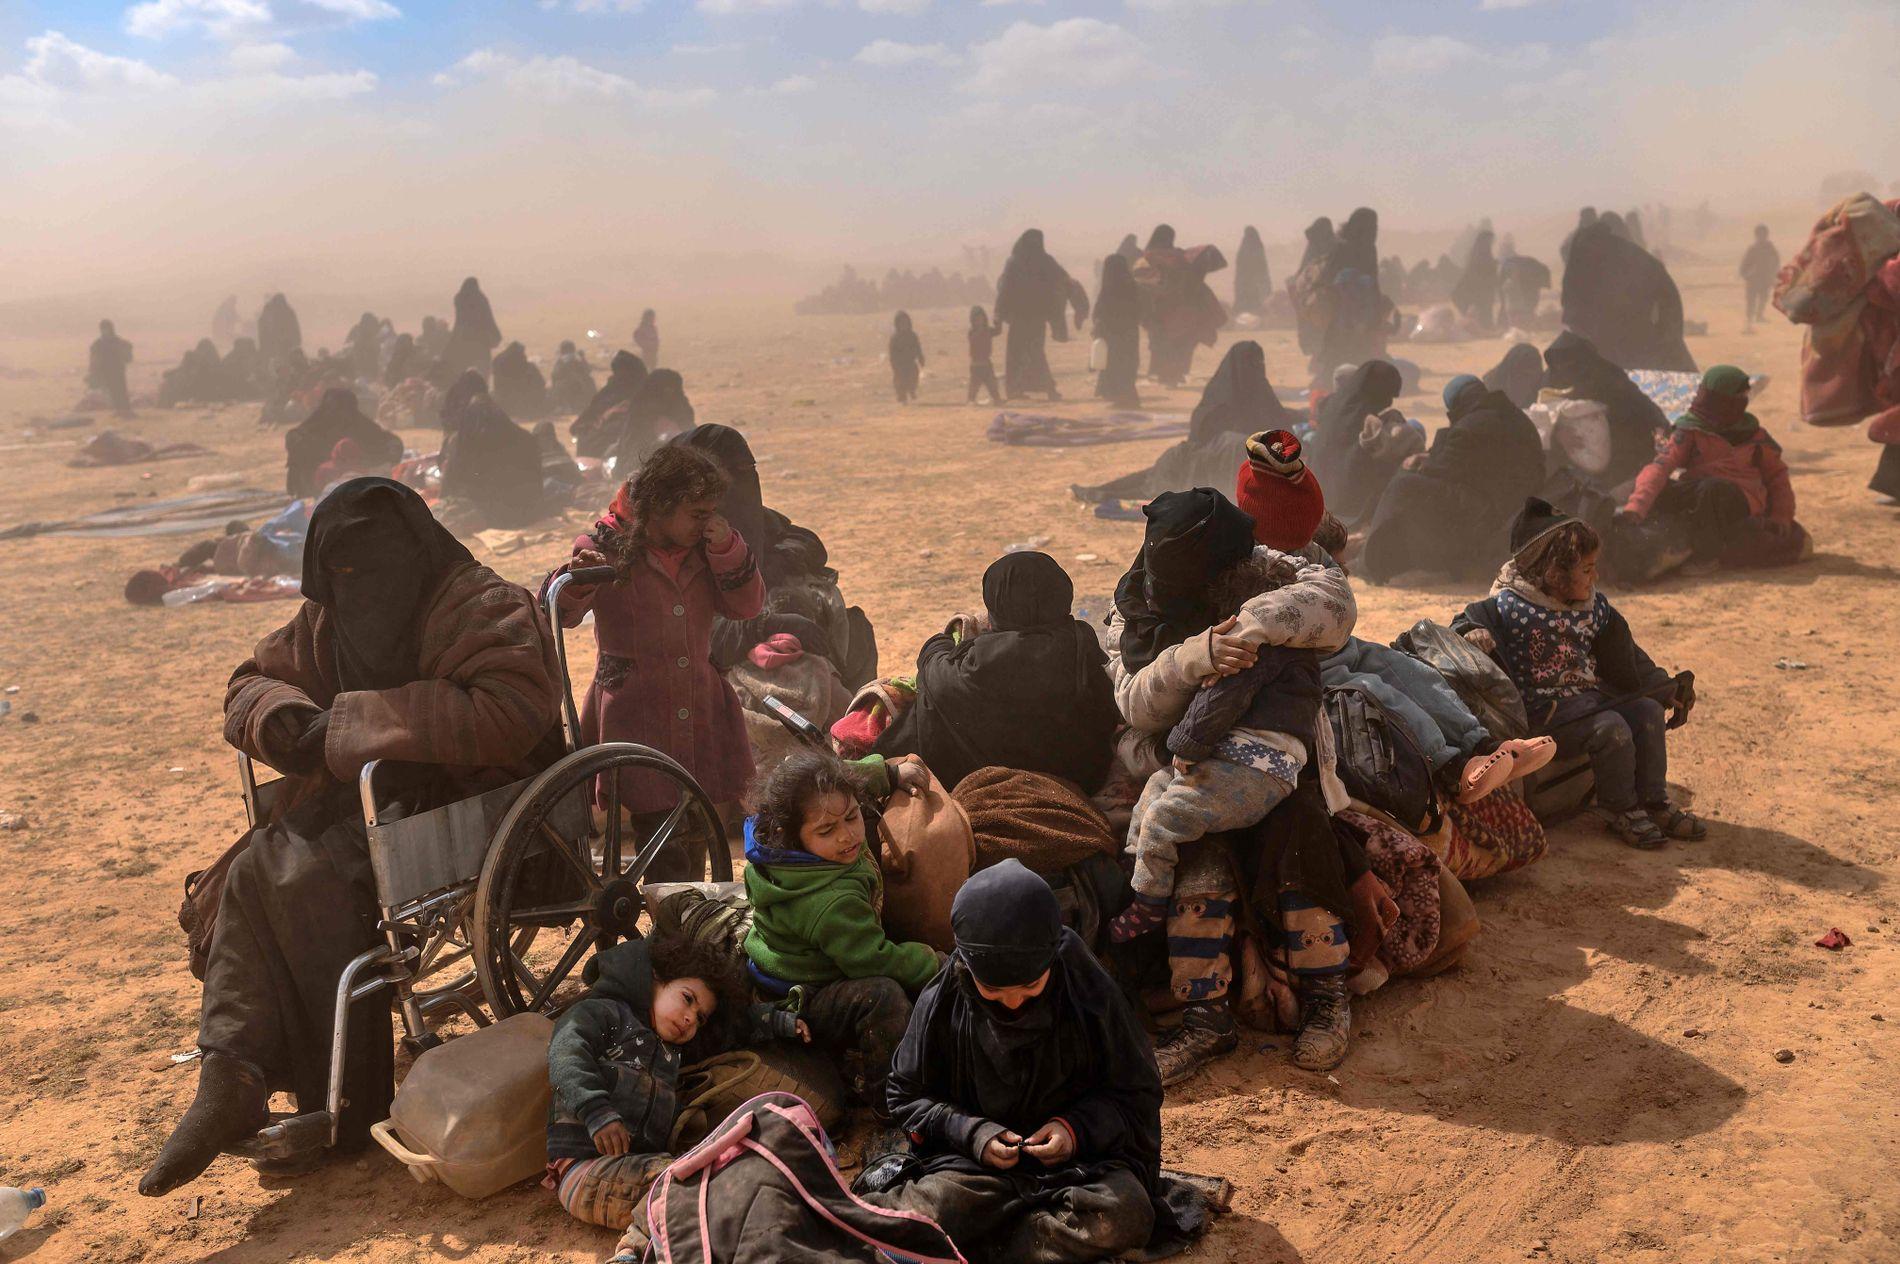 DESPERATE: En familie sitter på bakken etter å ha forlatt IS-området, og venter på å bli sikkerhetskontrollert av SDF.